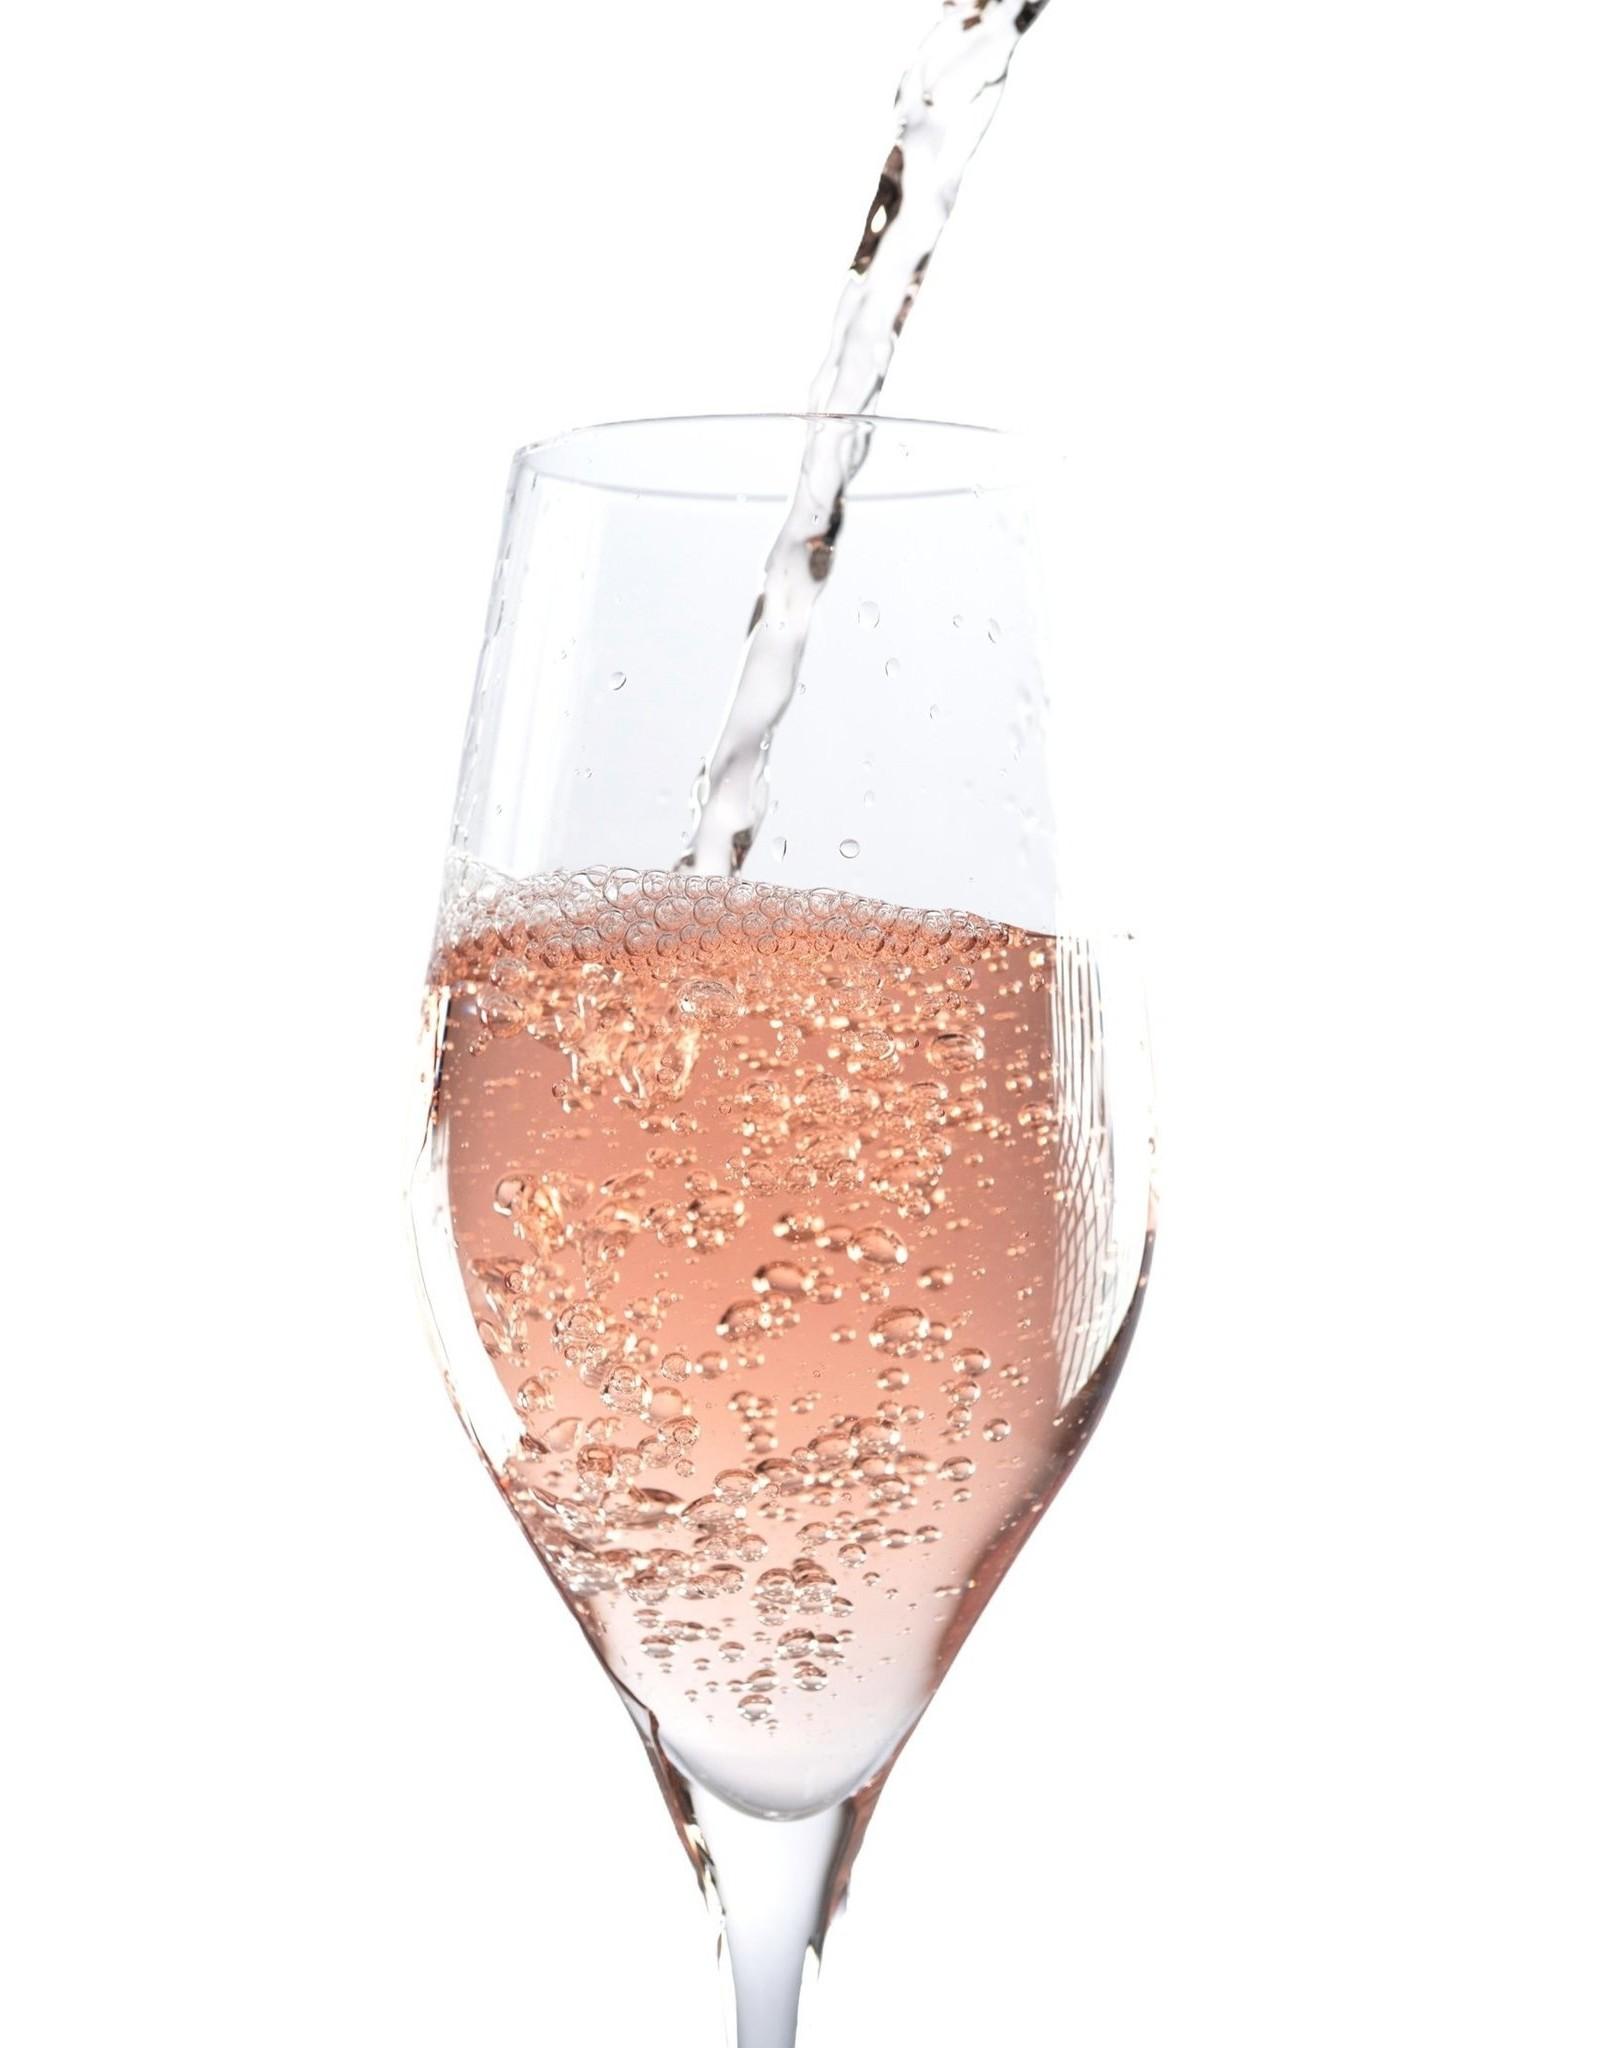 VINADA Tinteling Tempranillo Rosé (0%) 750 ml